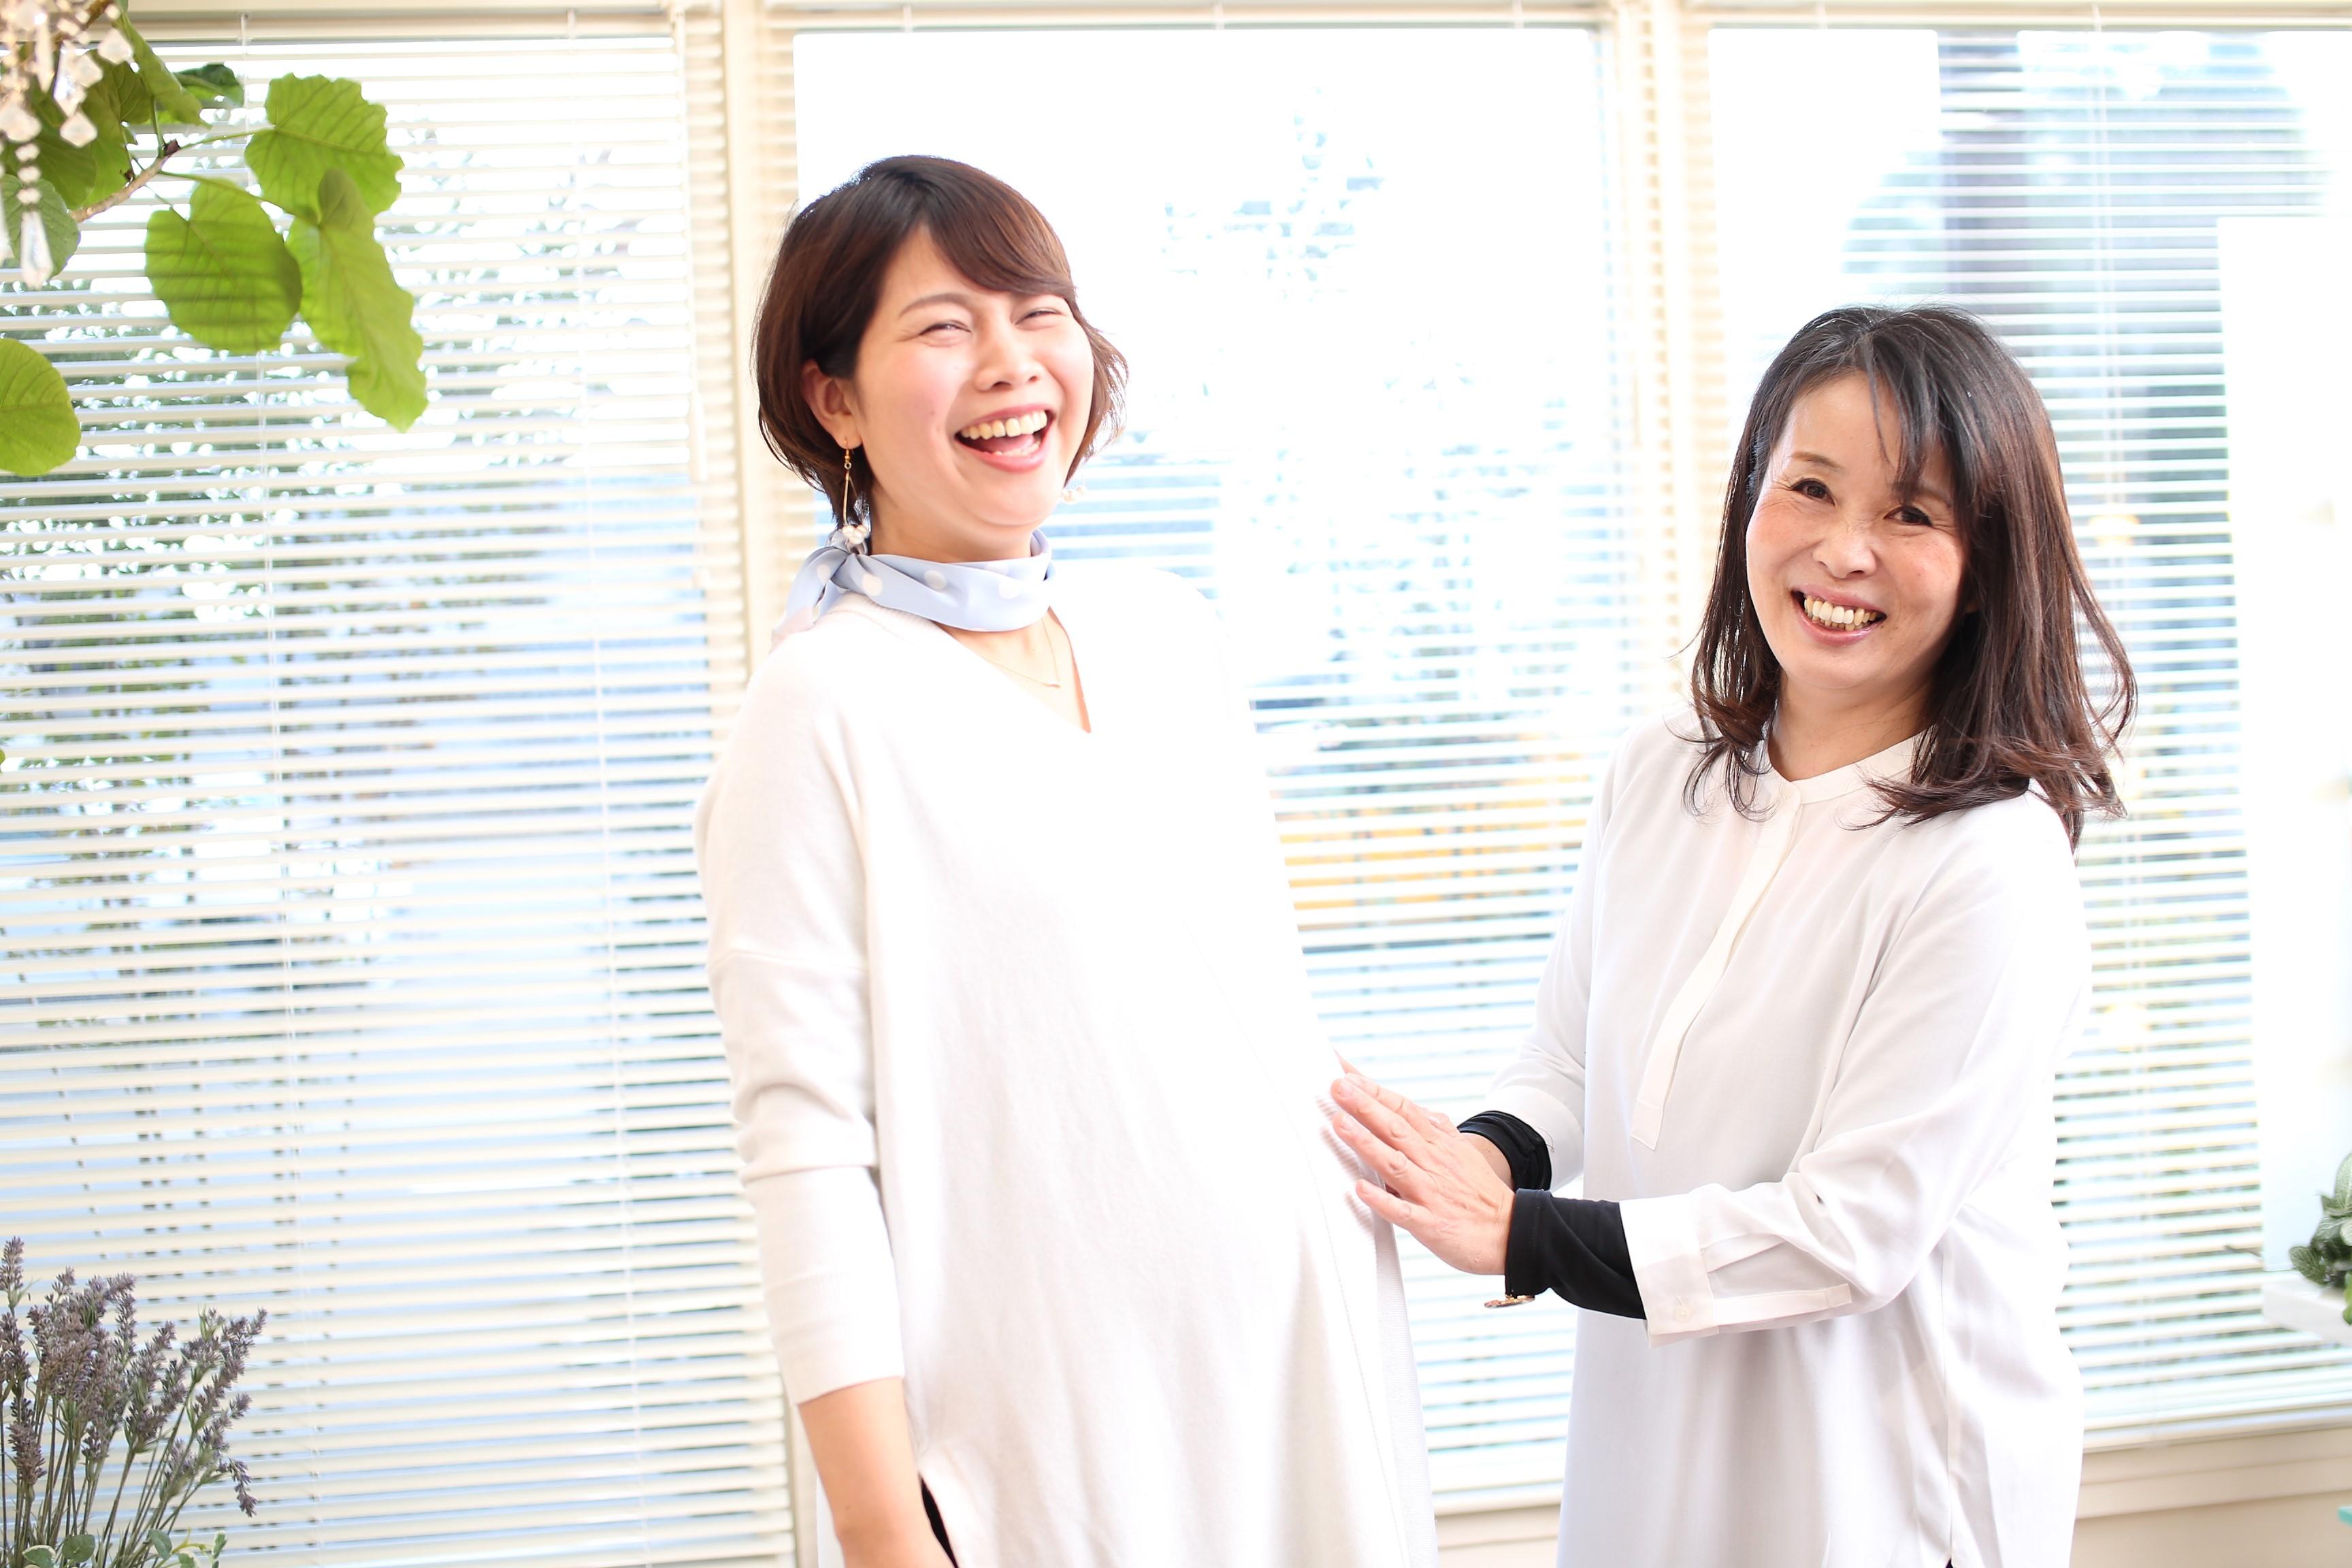 ママスタッフの島本美咲さん(写真左)が育休をとっていた間も、婚礼などで時々手伝いを依頼していた。「急がないから、いつでも戻っておいで」という呼びかけに応えて、島本さんは産後1年で本格復帰することに